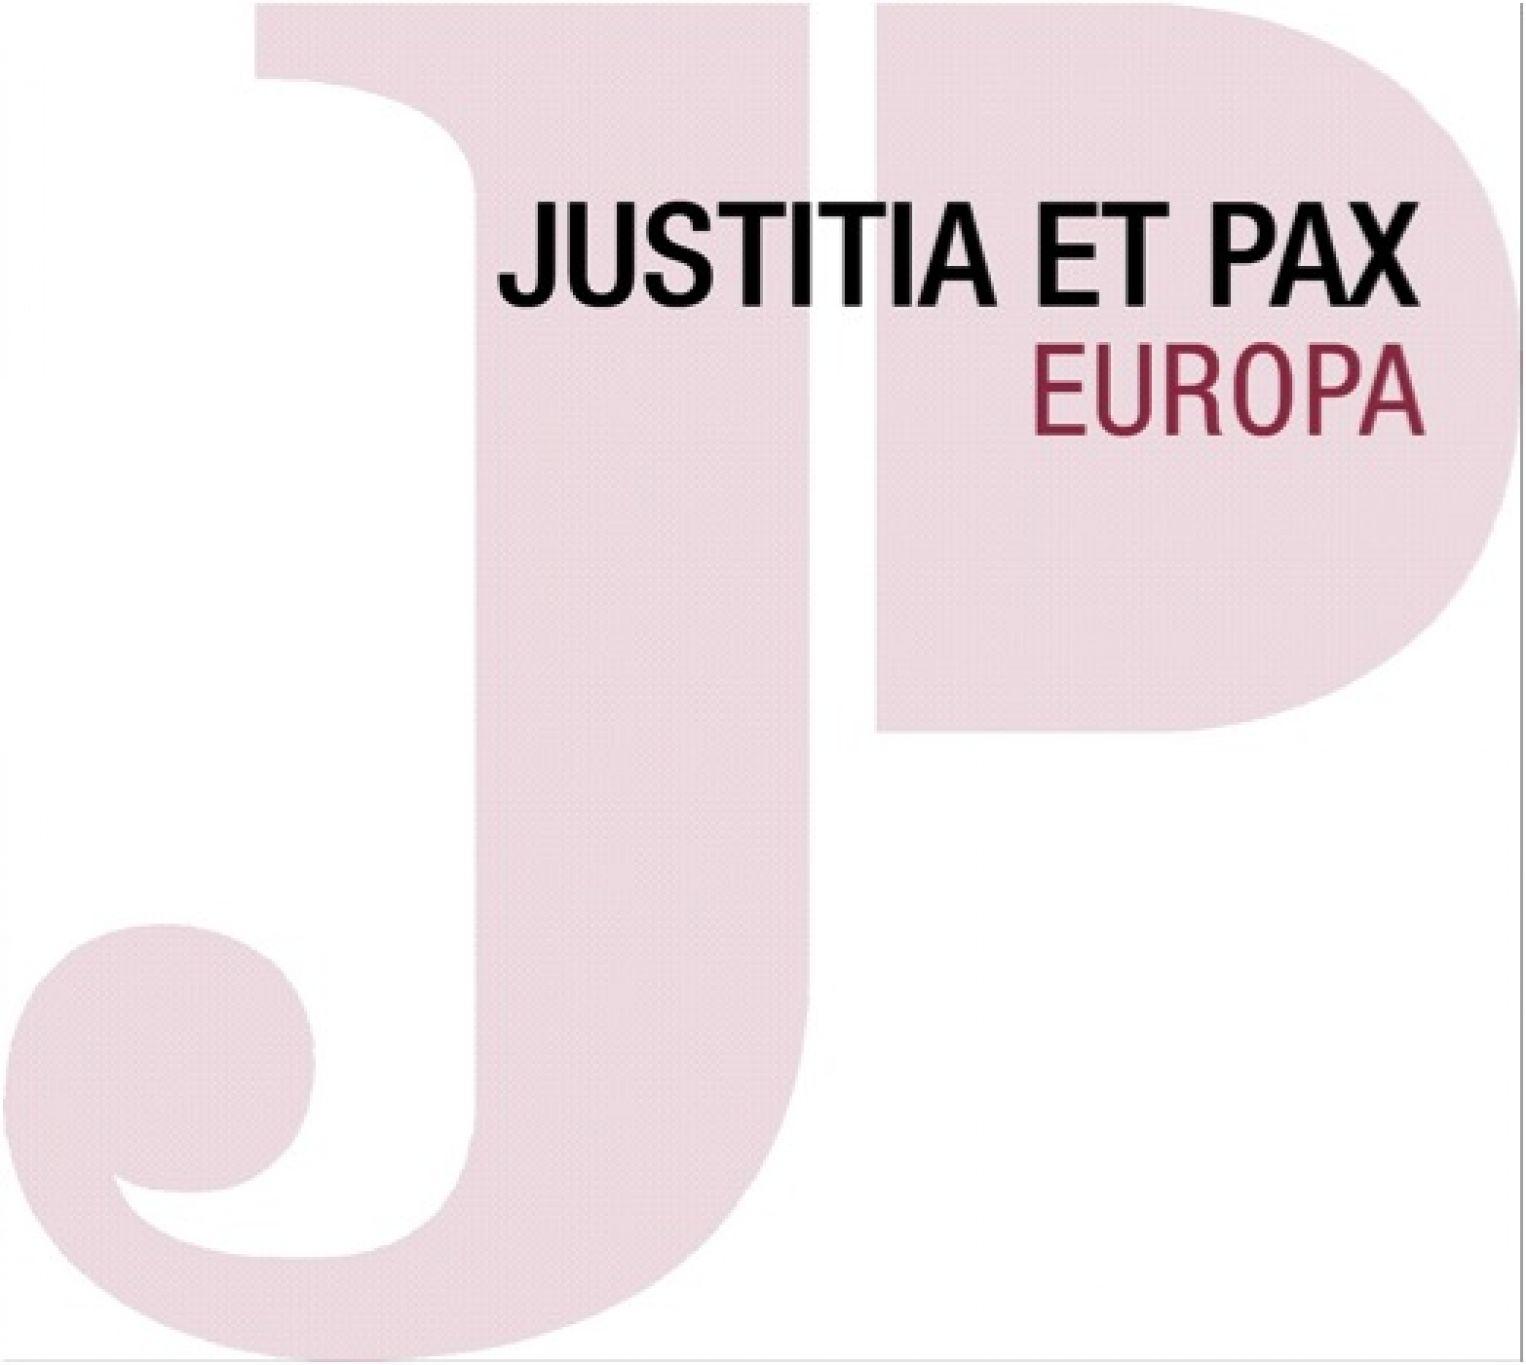 justitia-et-pax-europa.jpg